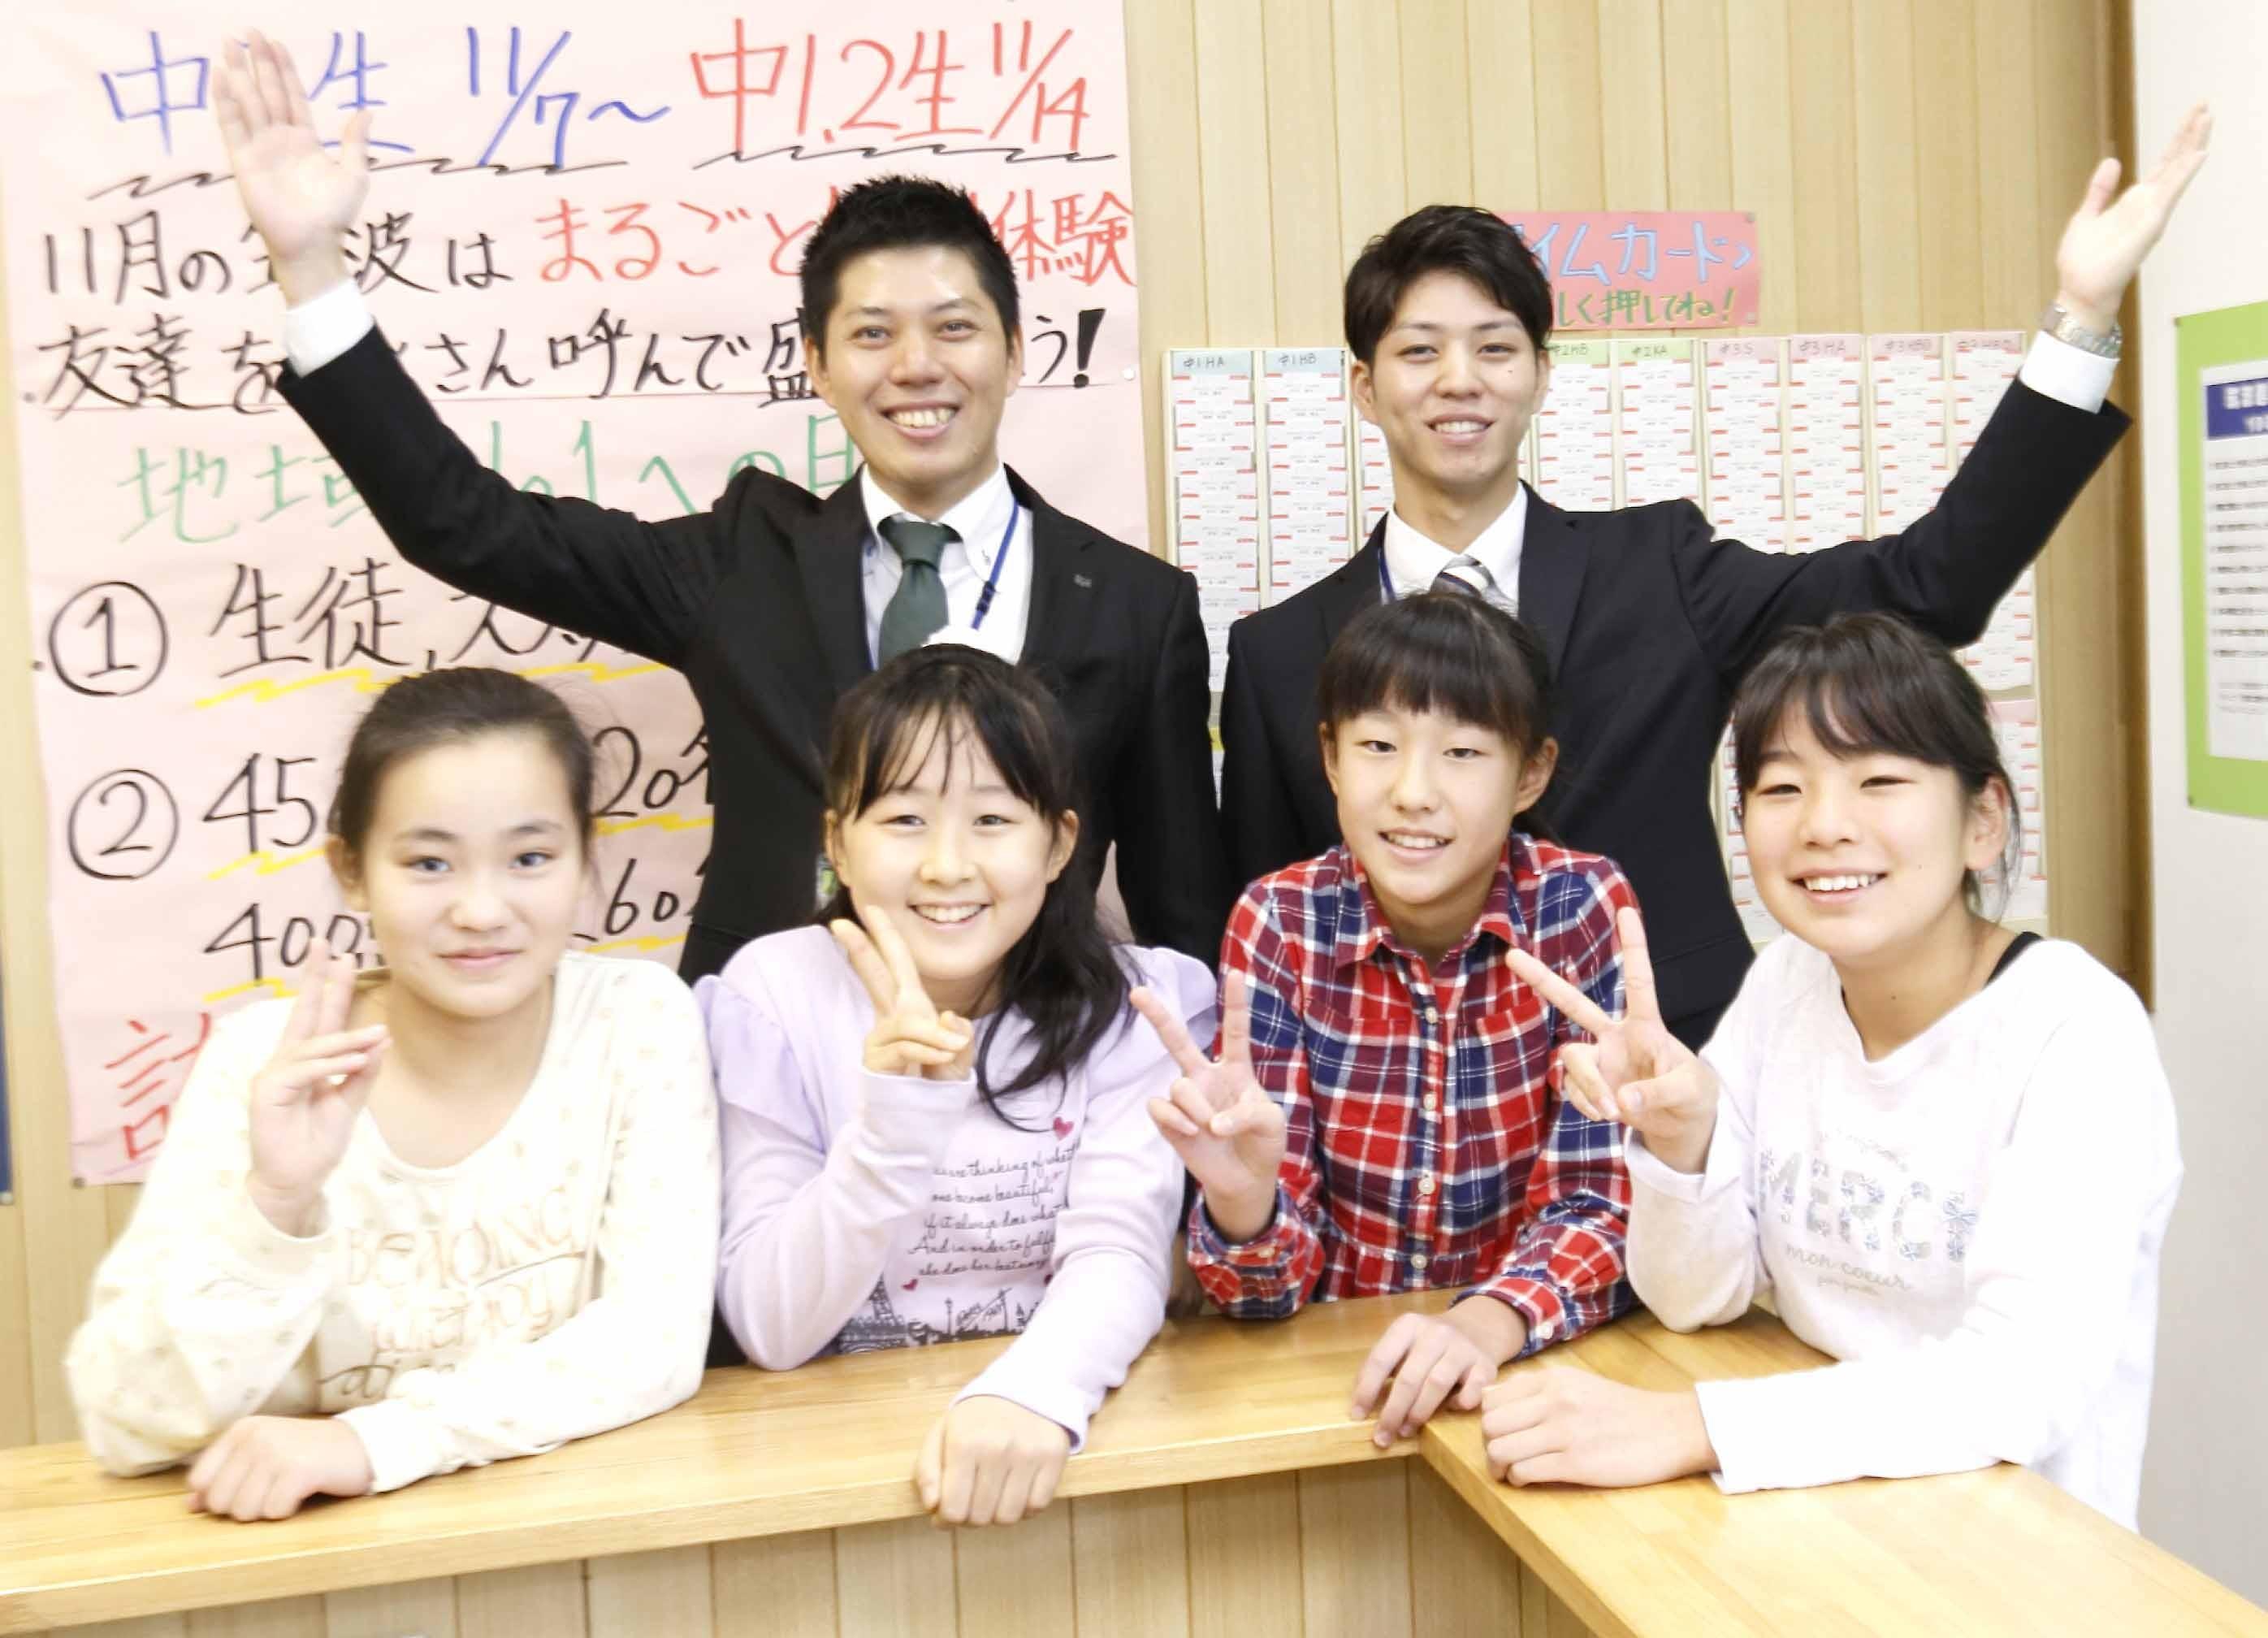 筑波進研スクール 七里教室のアルバイト情報